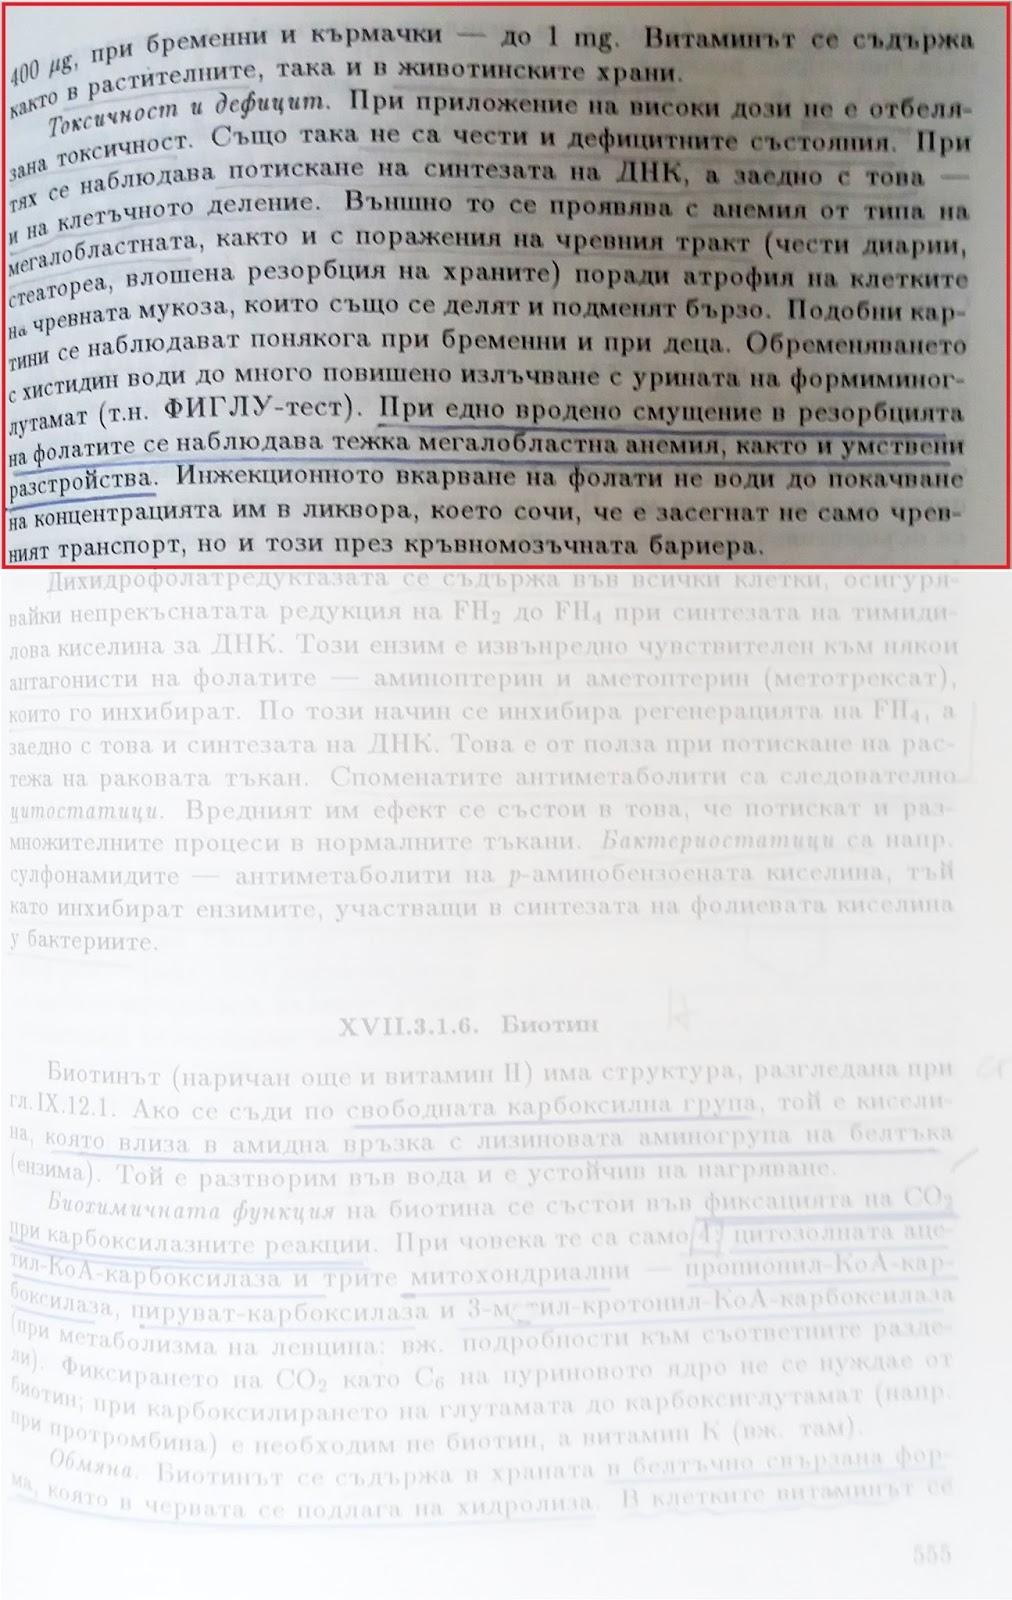 Учебник по биохимия стр.555